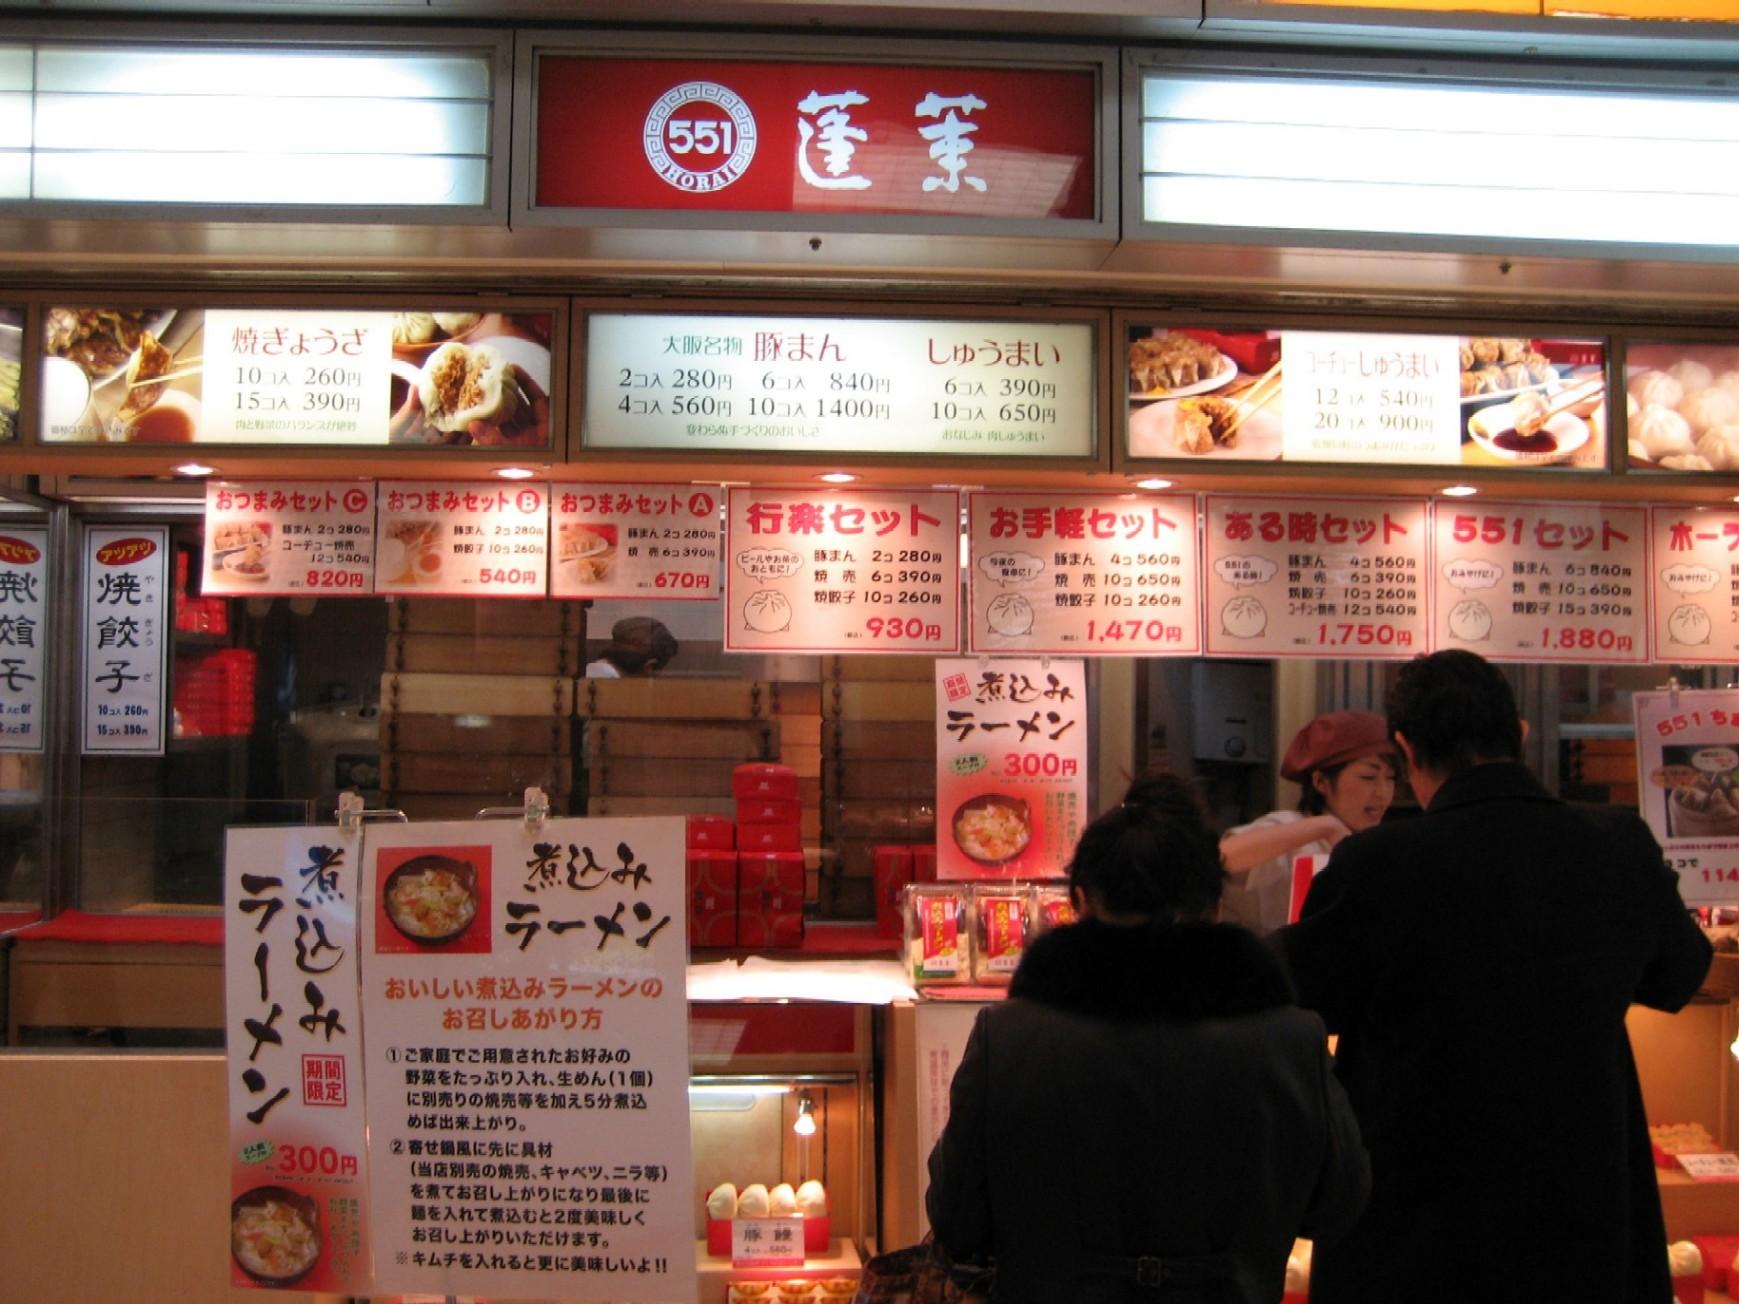 551蓬莱 JR京都駅店